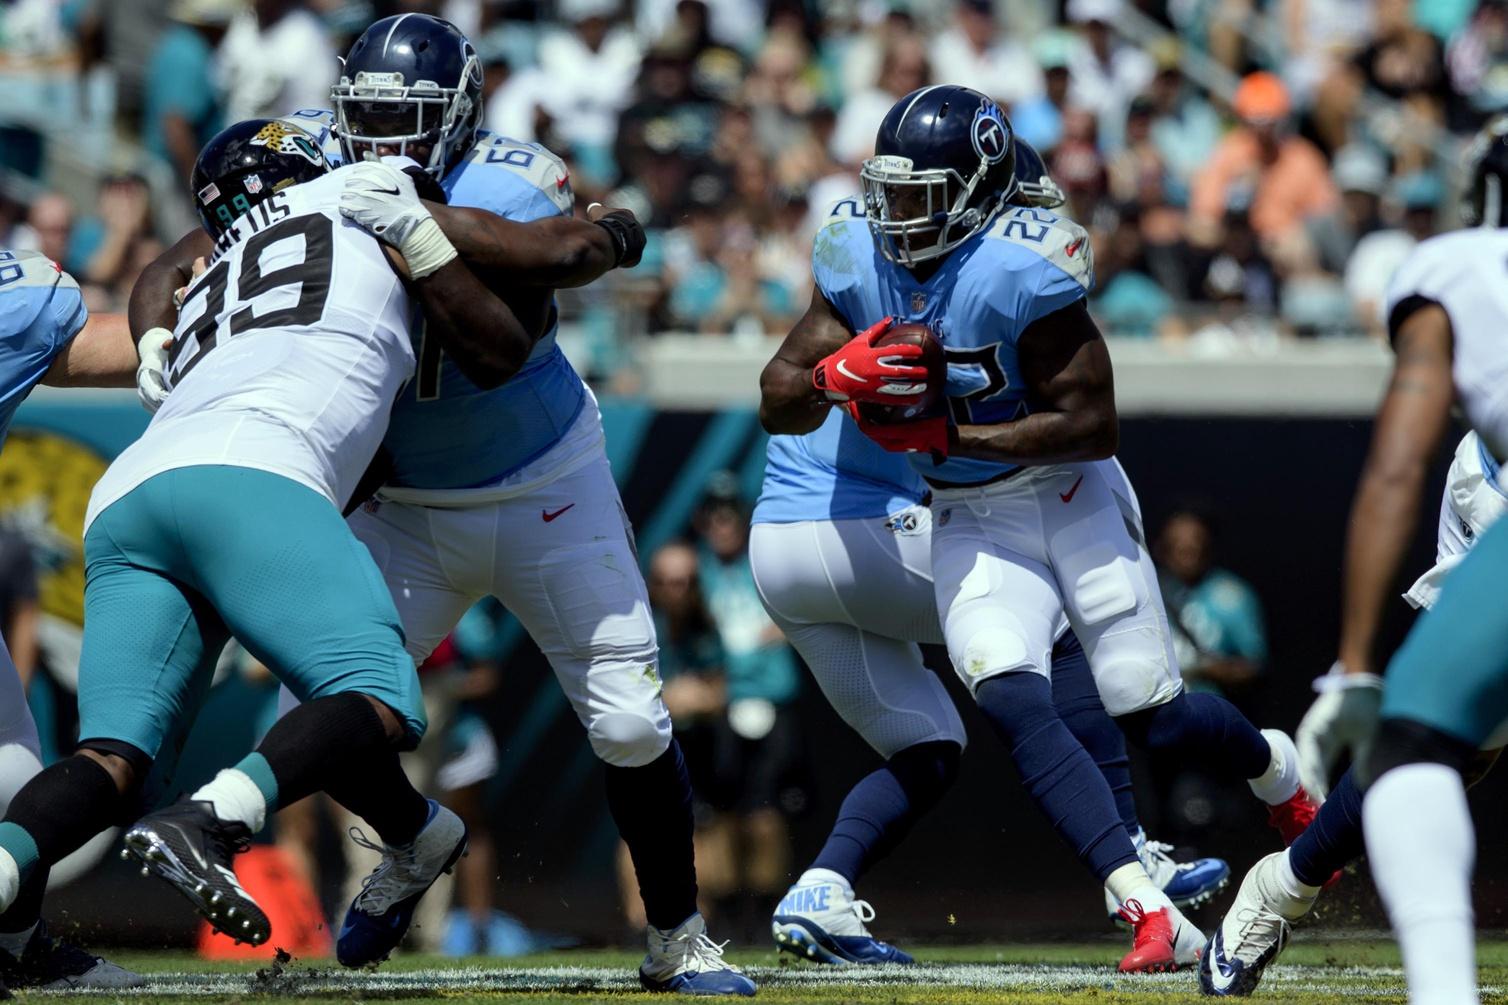 Attractive Refocused, NFL Week 3: Tennessee Titans 9, Jacksonville Jaguars 6